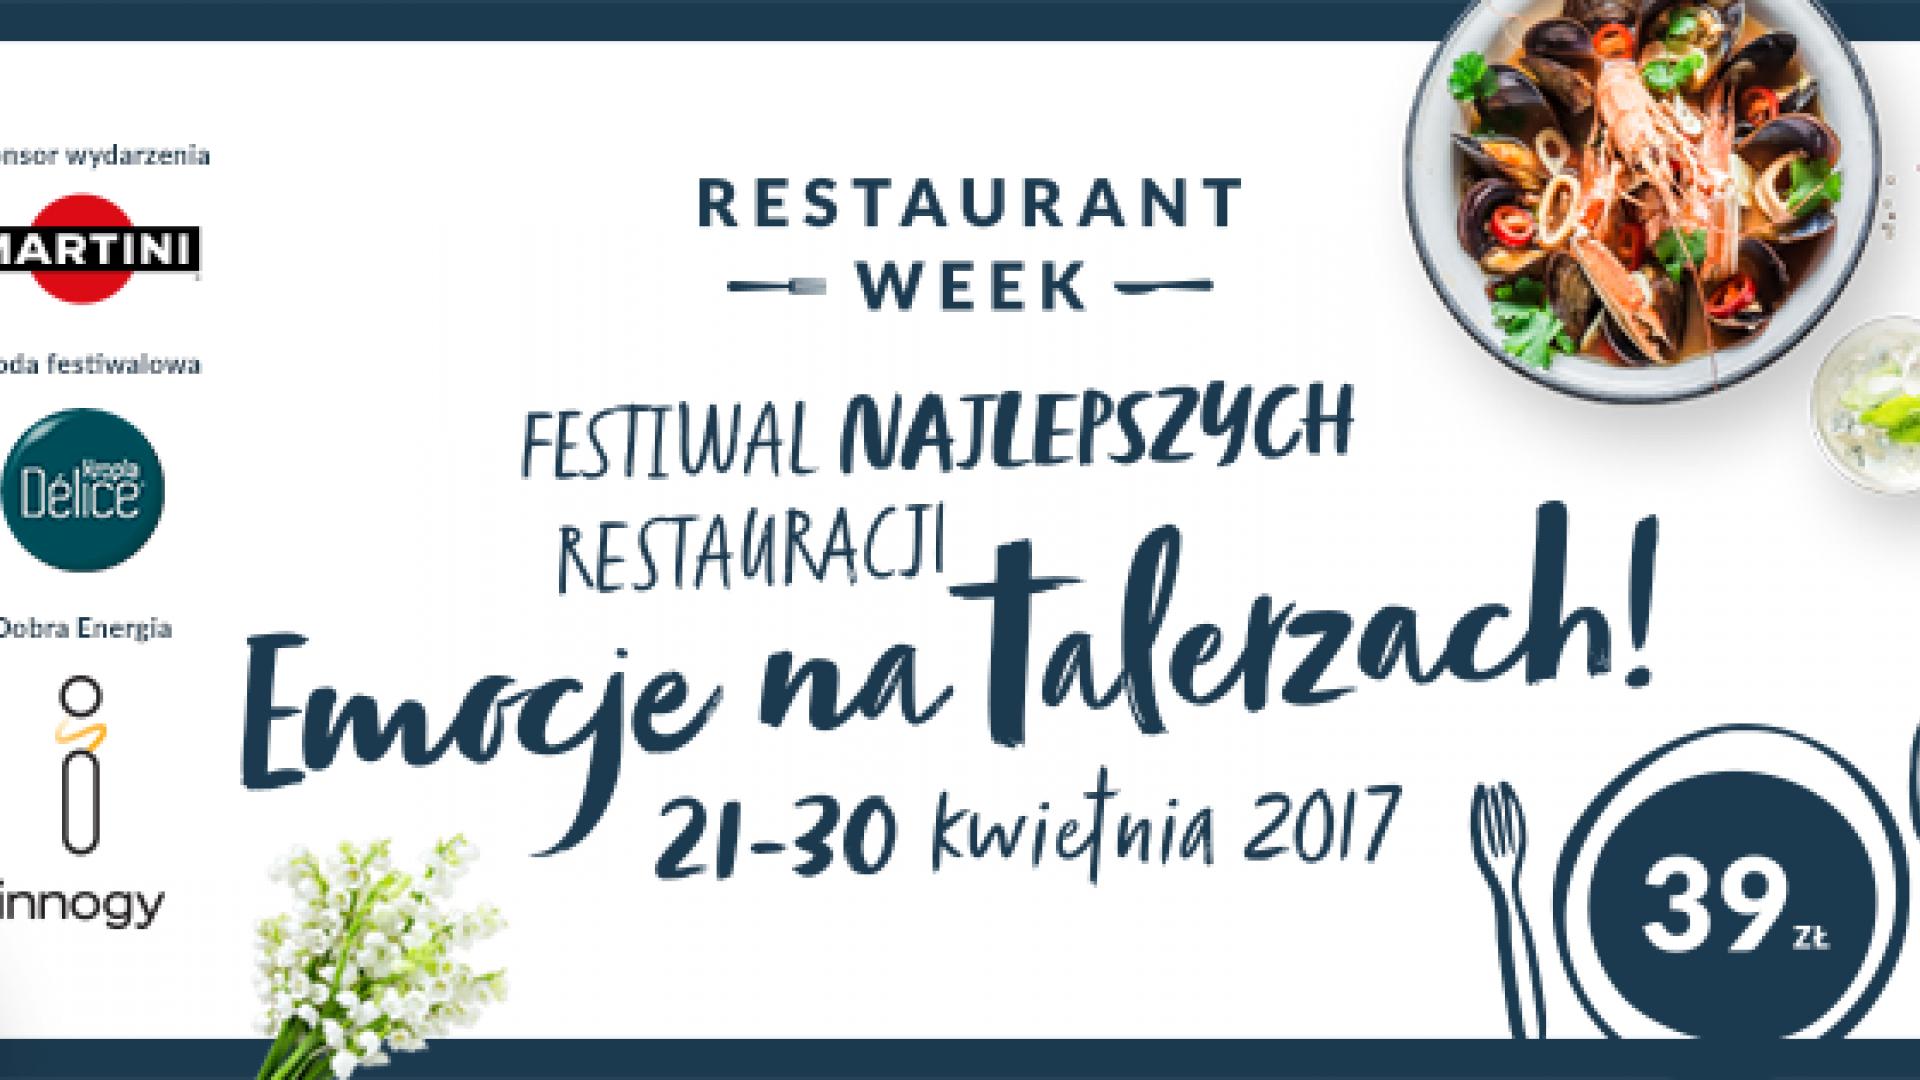 Wiosenna edycja Restaurant Week Polska - 21-30 kwietnia 2017r.